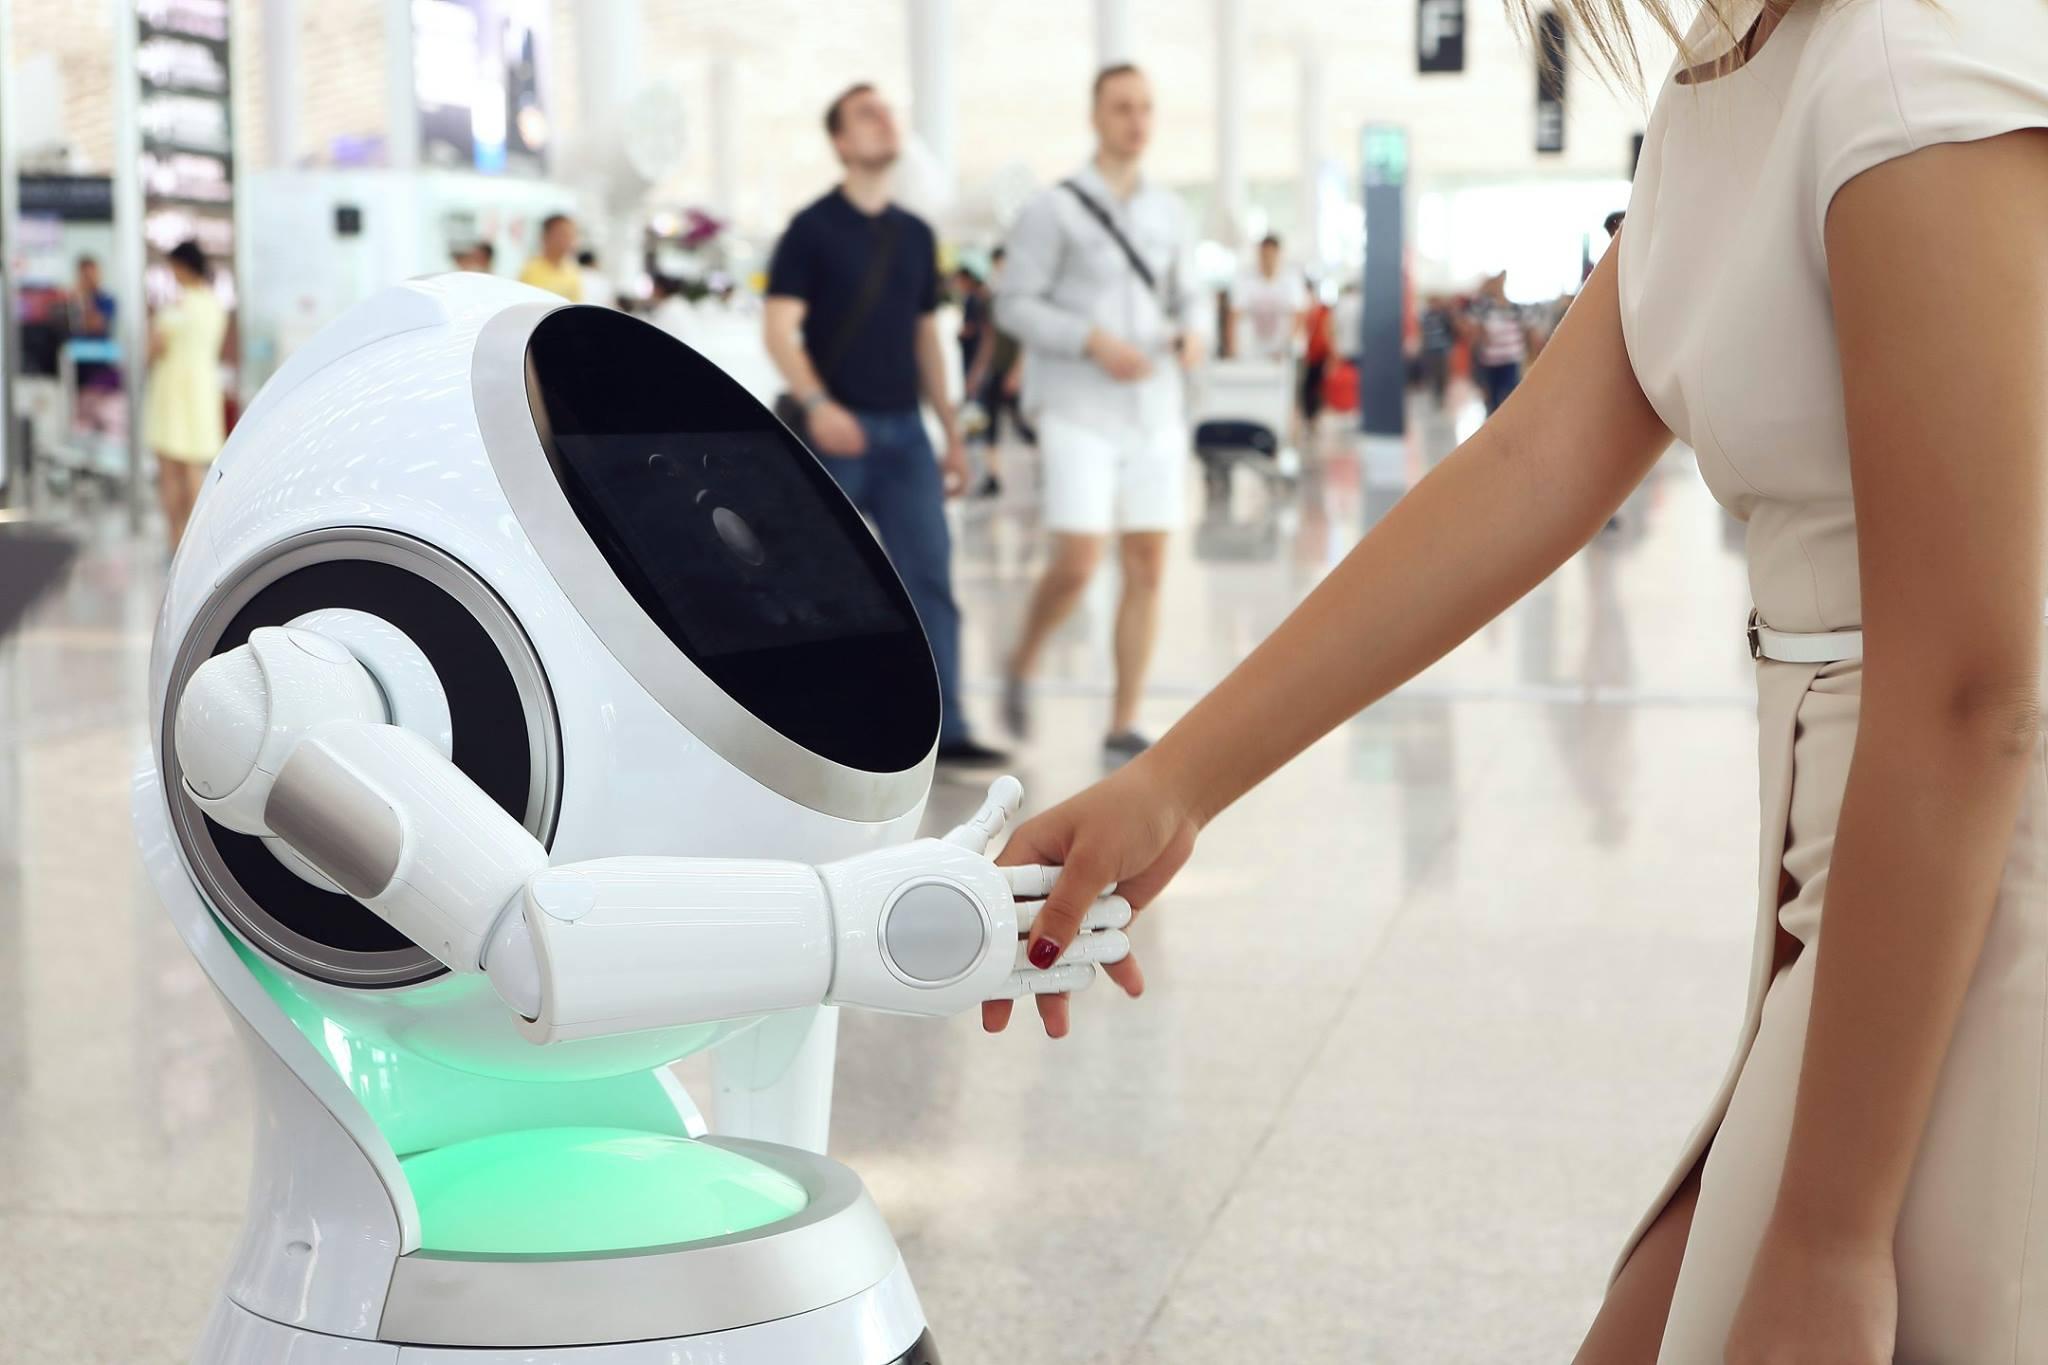 Huren robots voor de openbare ruimte